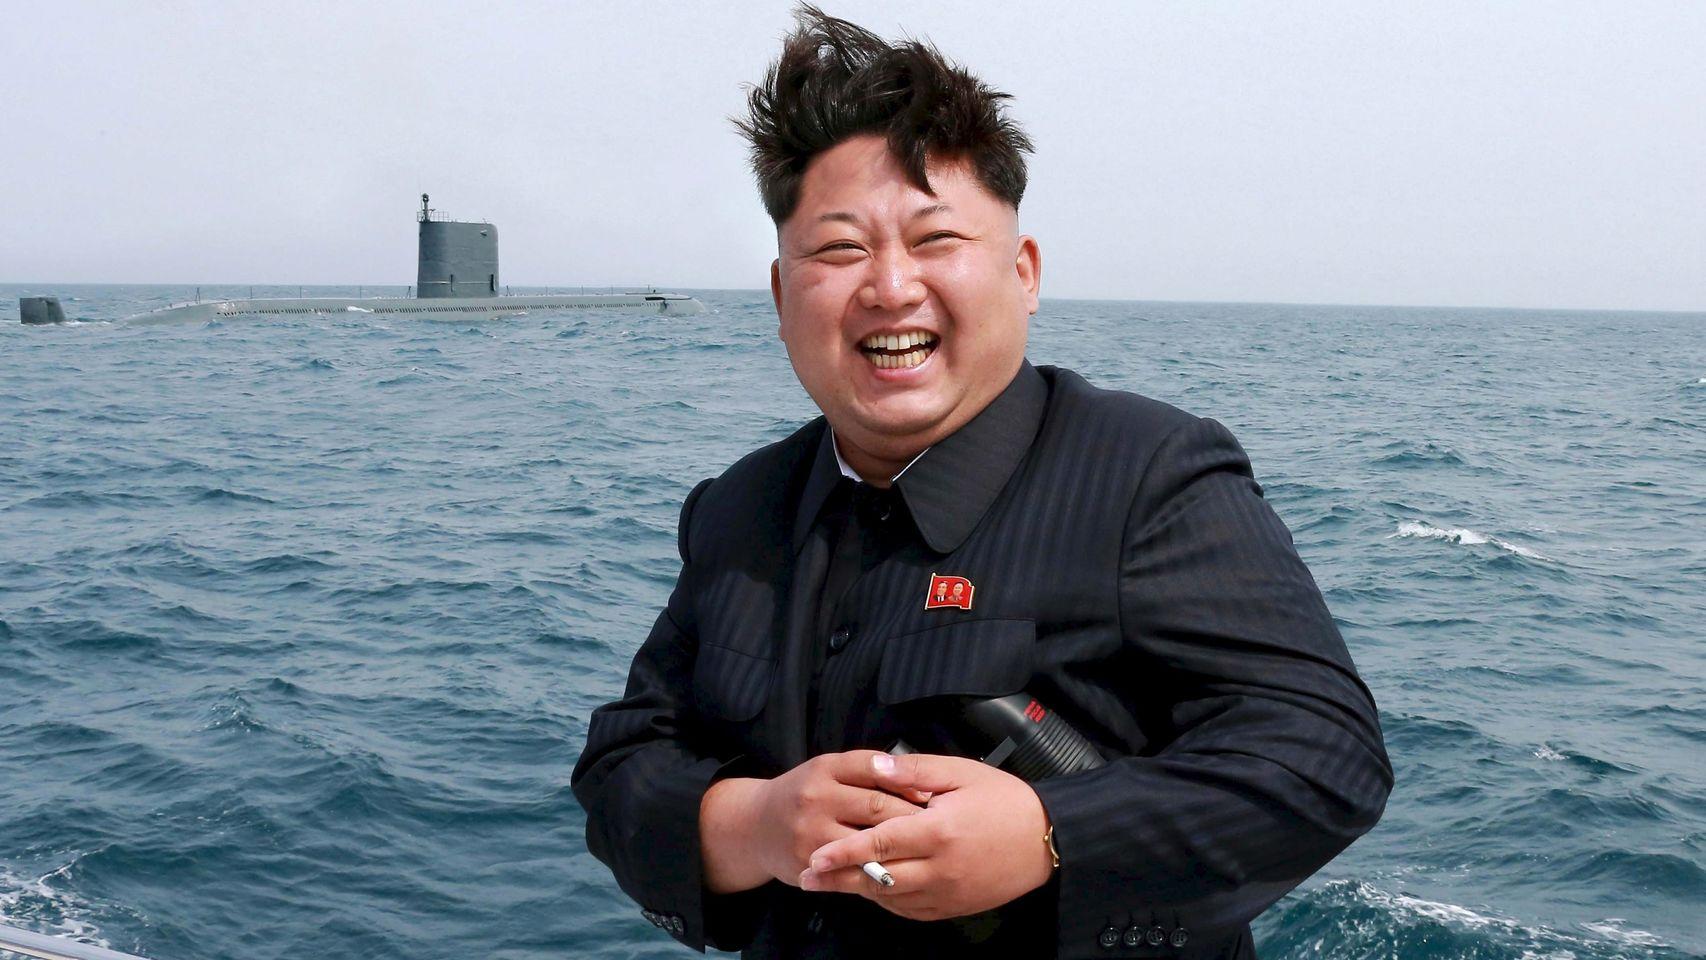 Kim Jong-un, un gran tirano